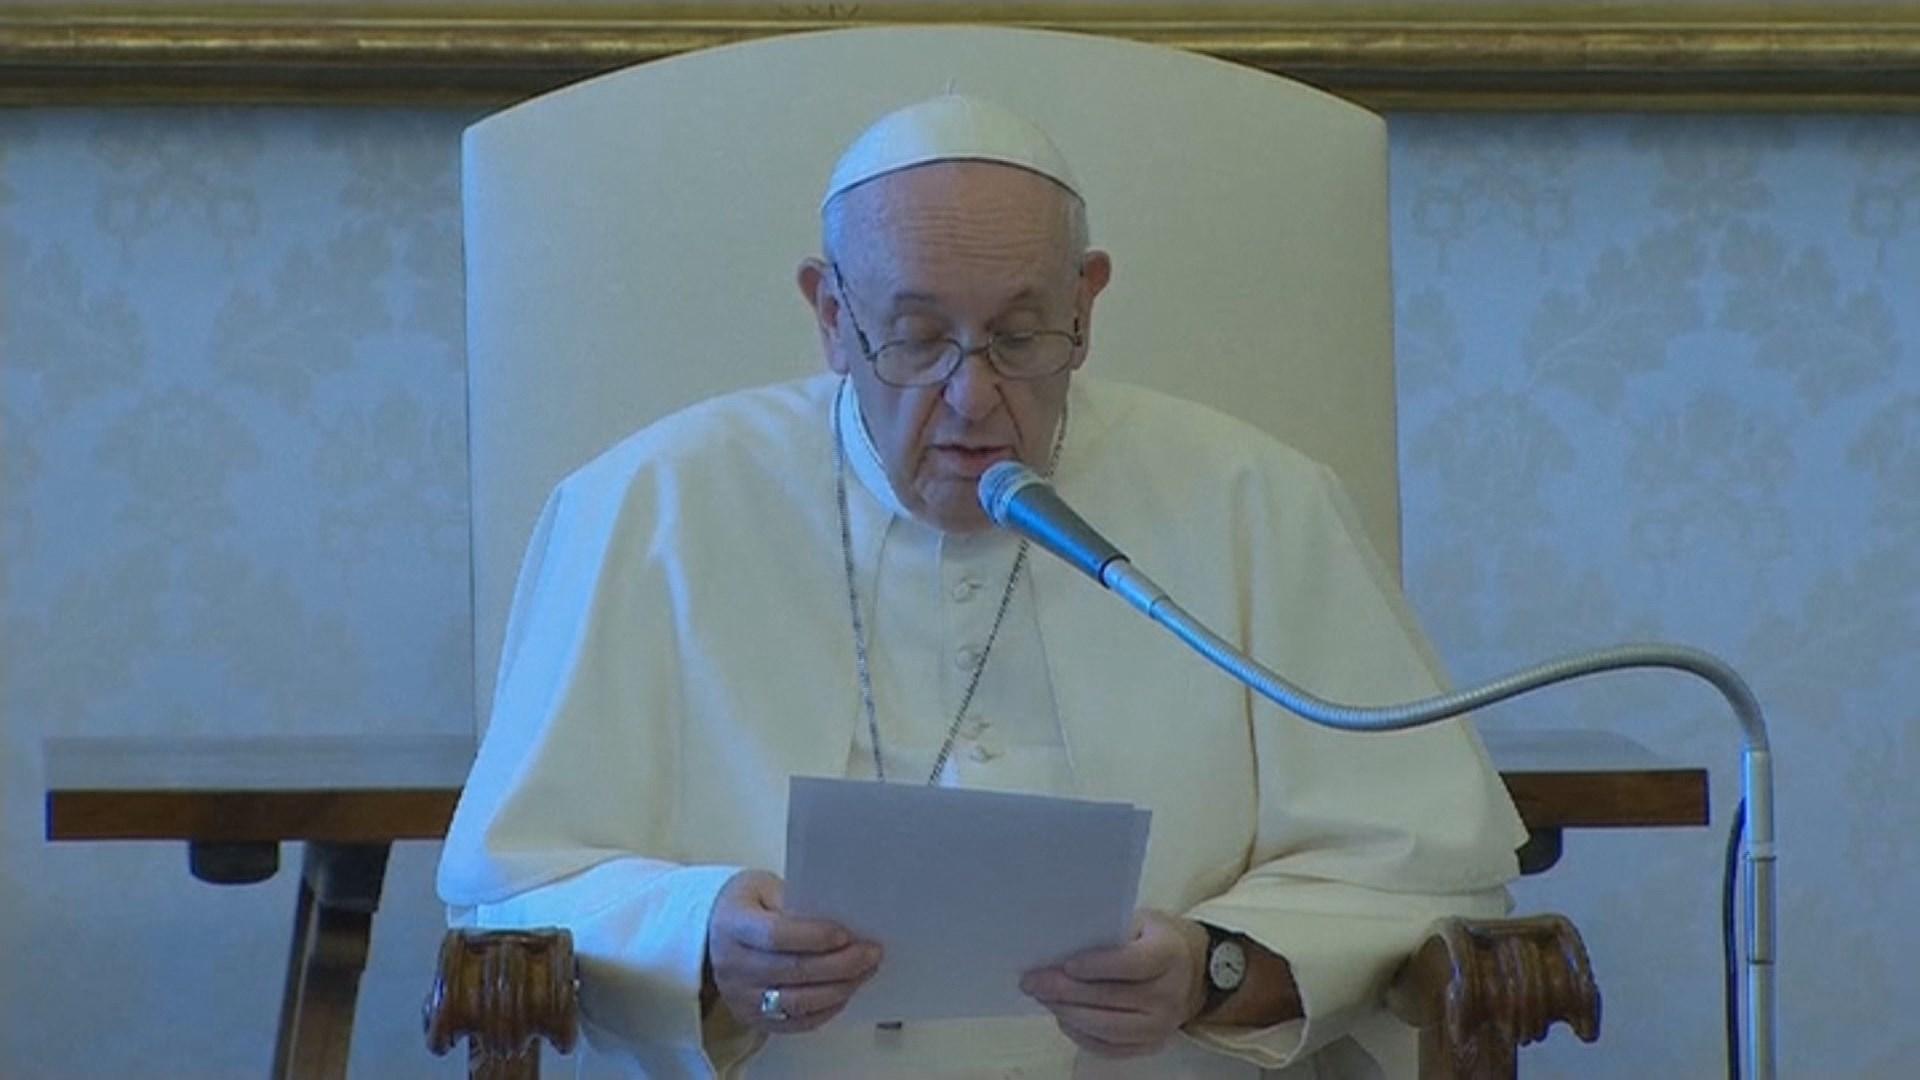 교황, 레바논 사고 피해자 지원에 3억5천만원 기부